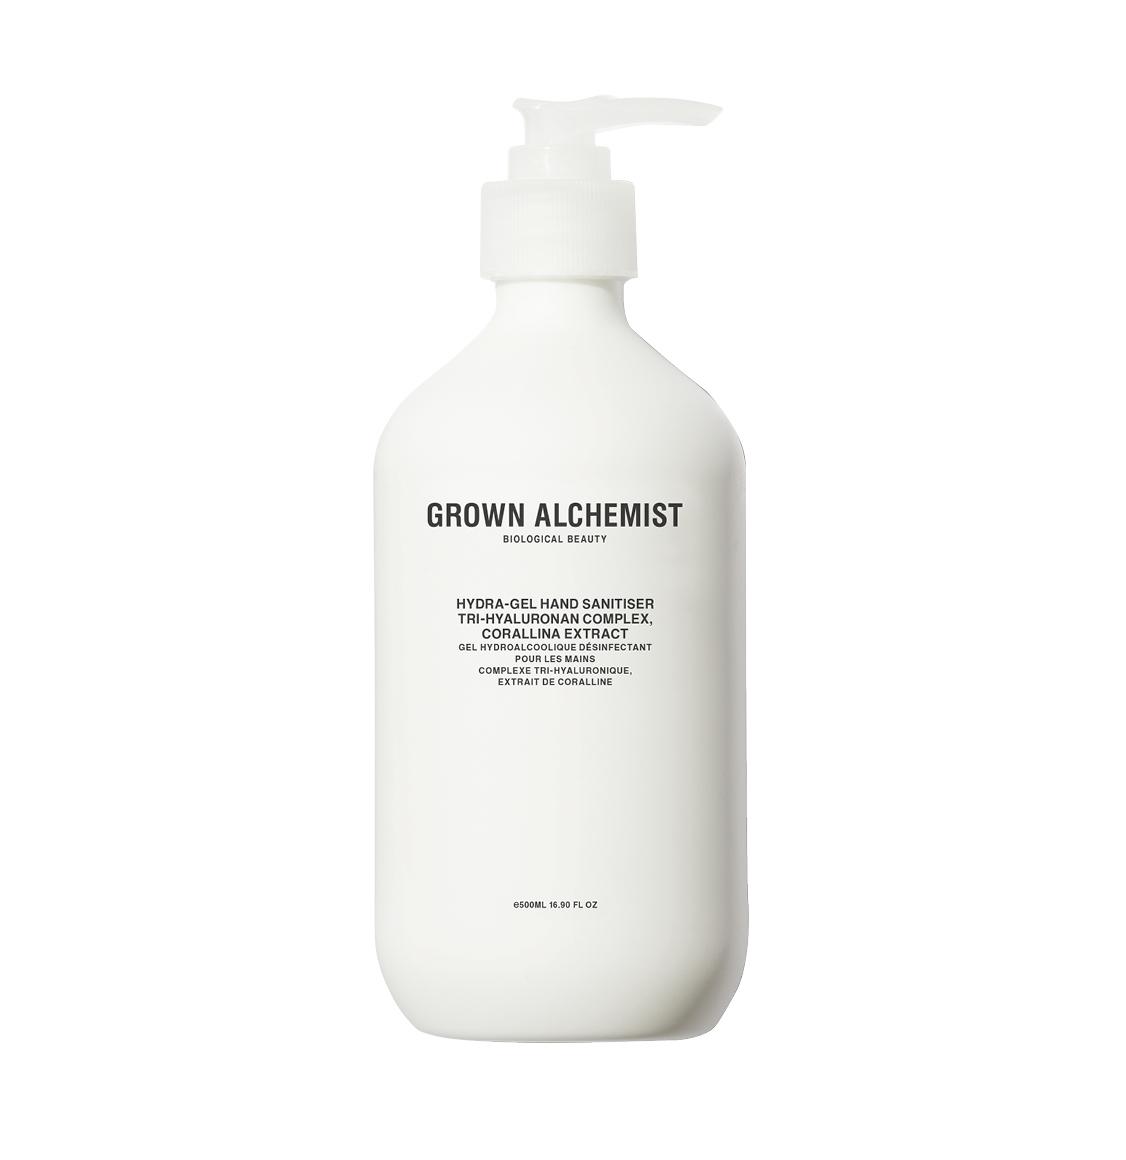 Grown Alchemist Hydra-Gel Hand Sanitizer 500ml